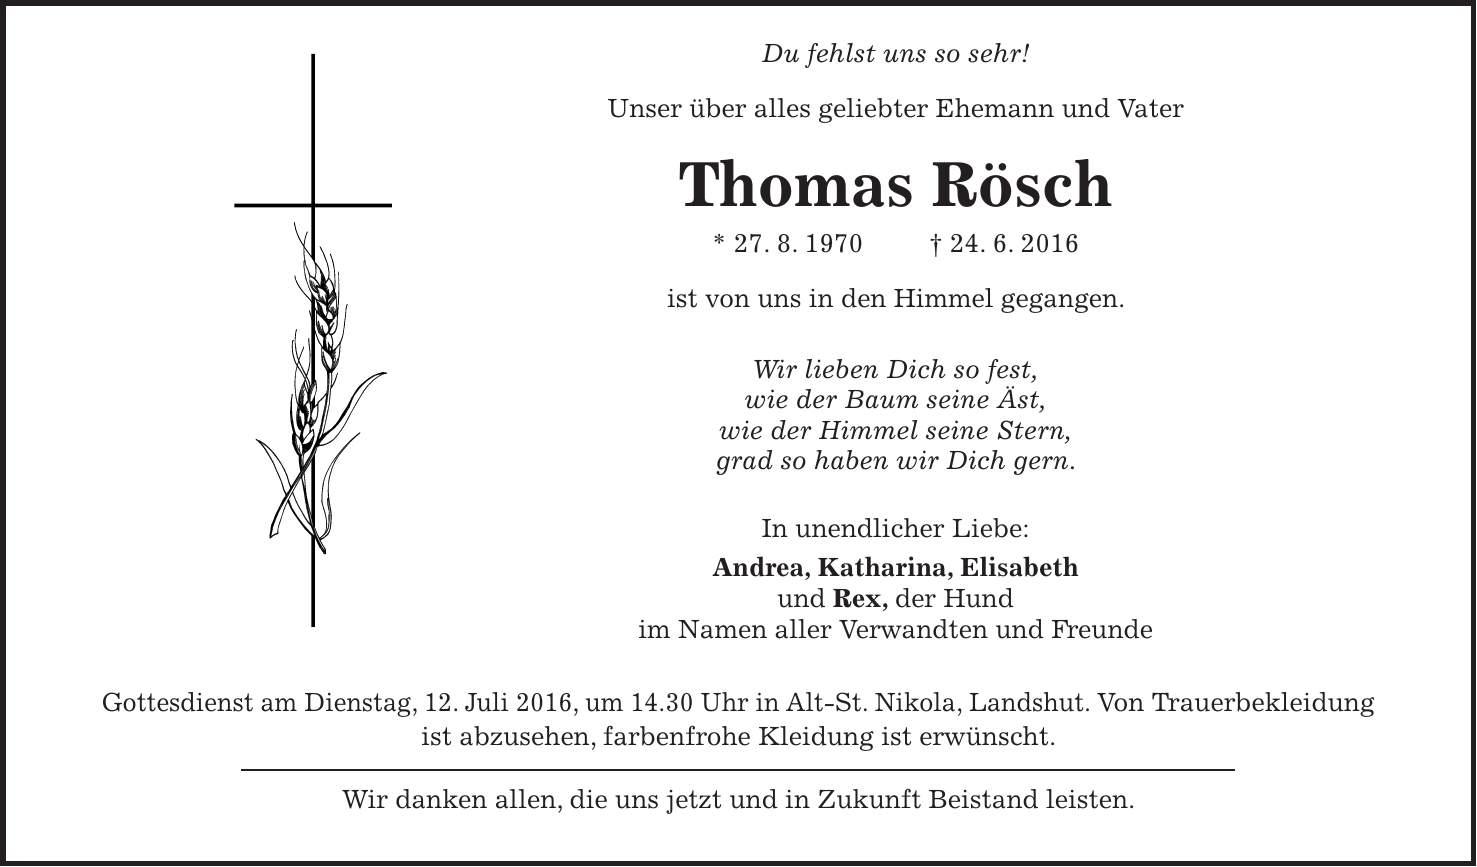 Thomas Rösch Landshut